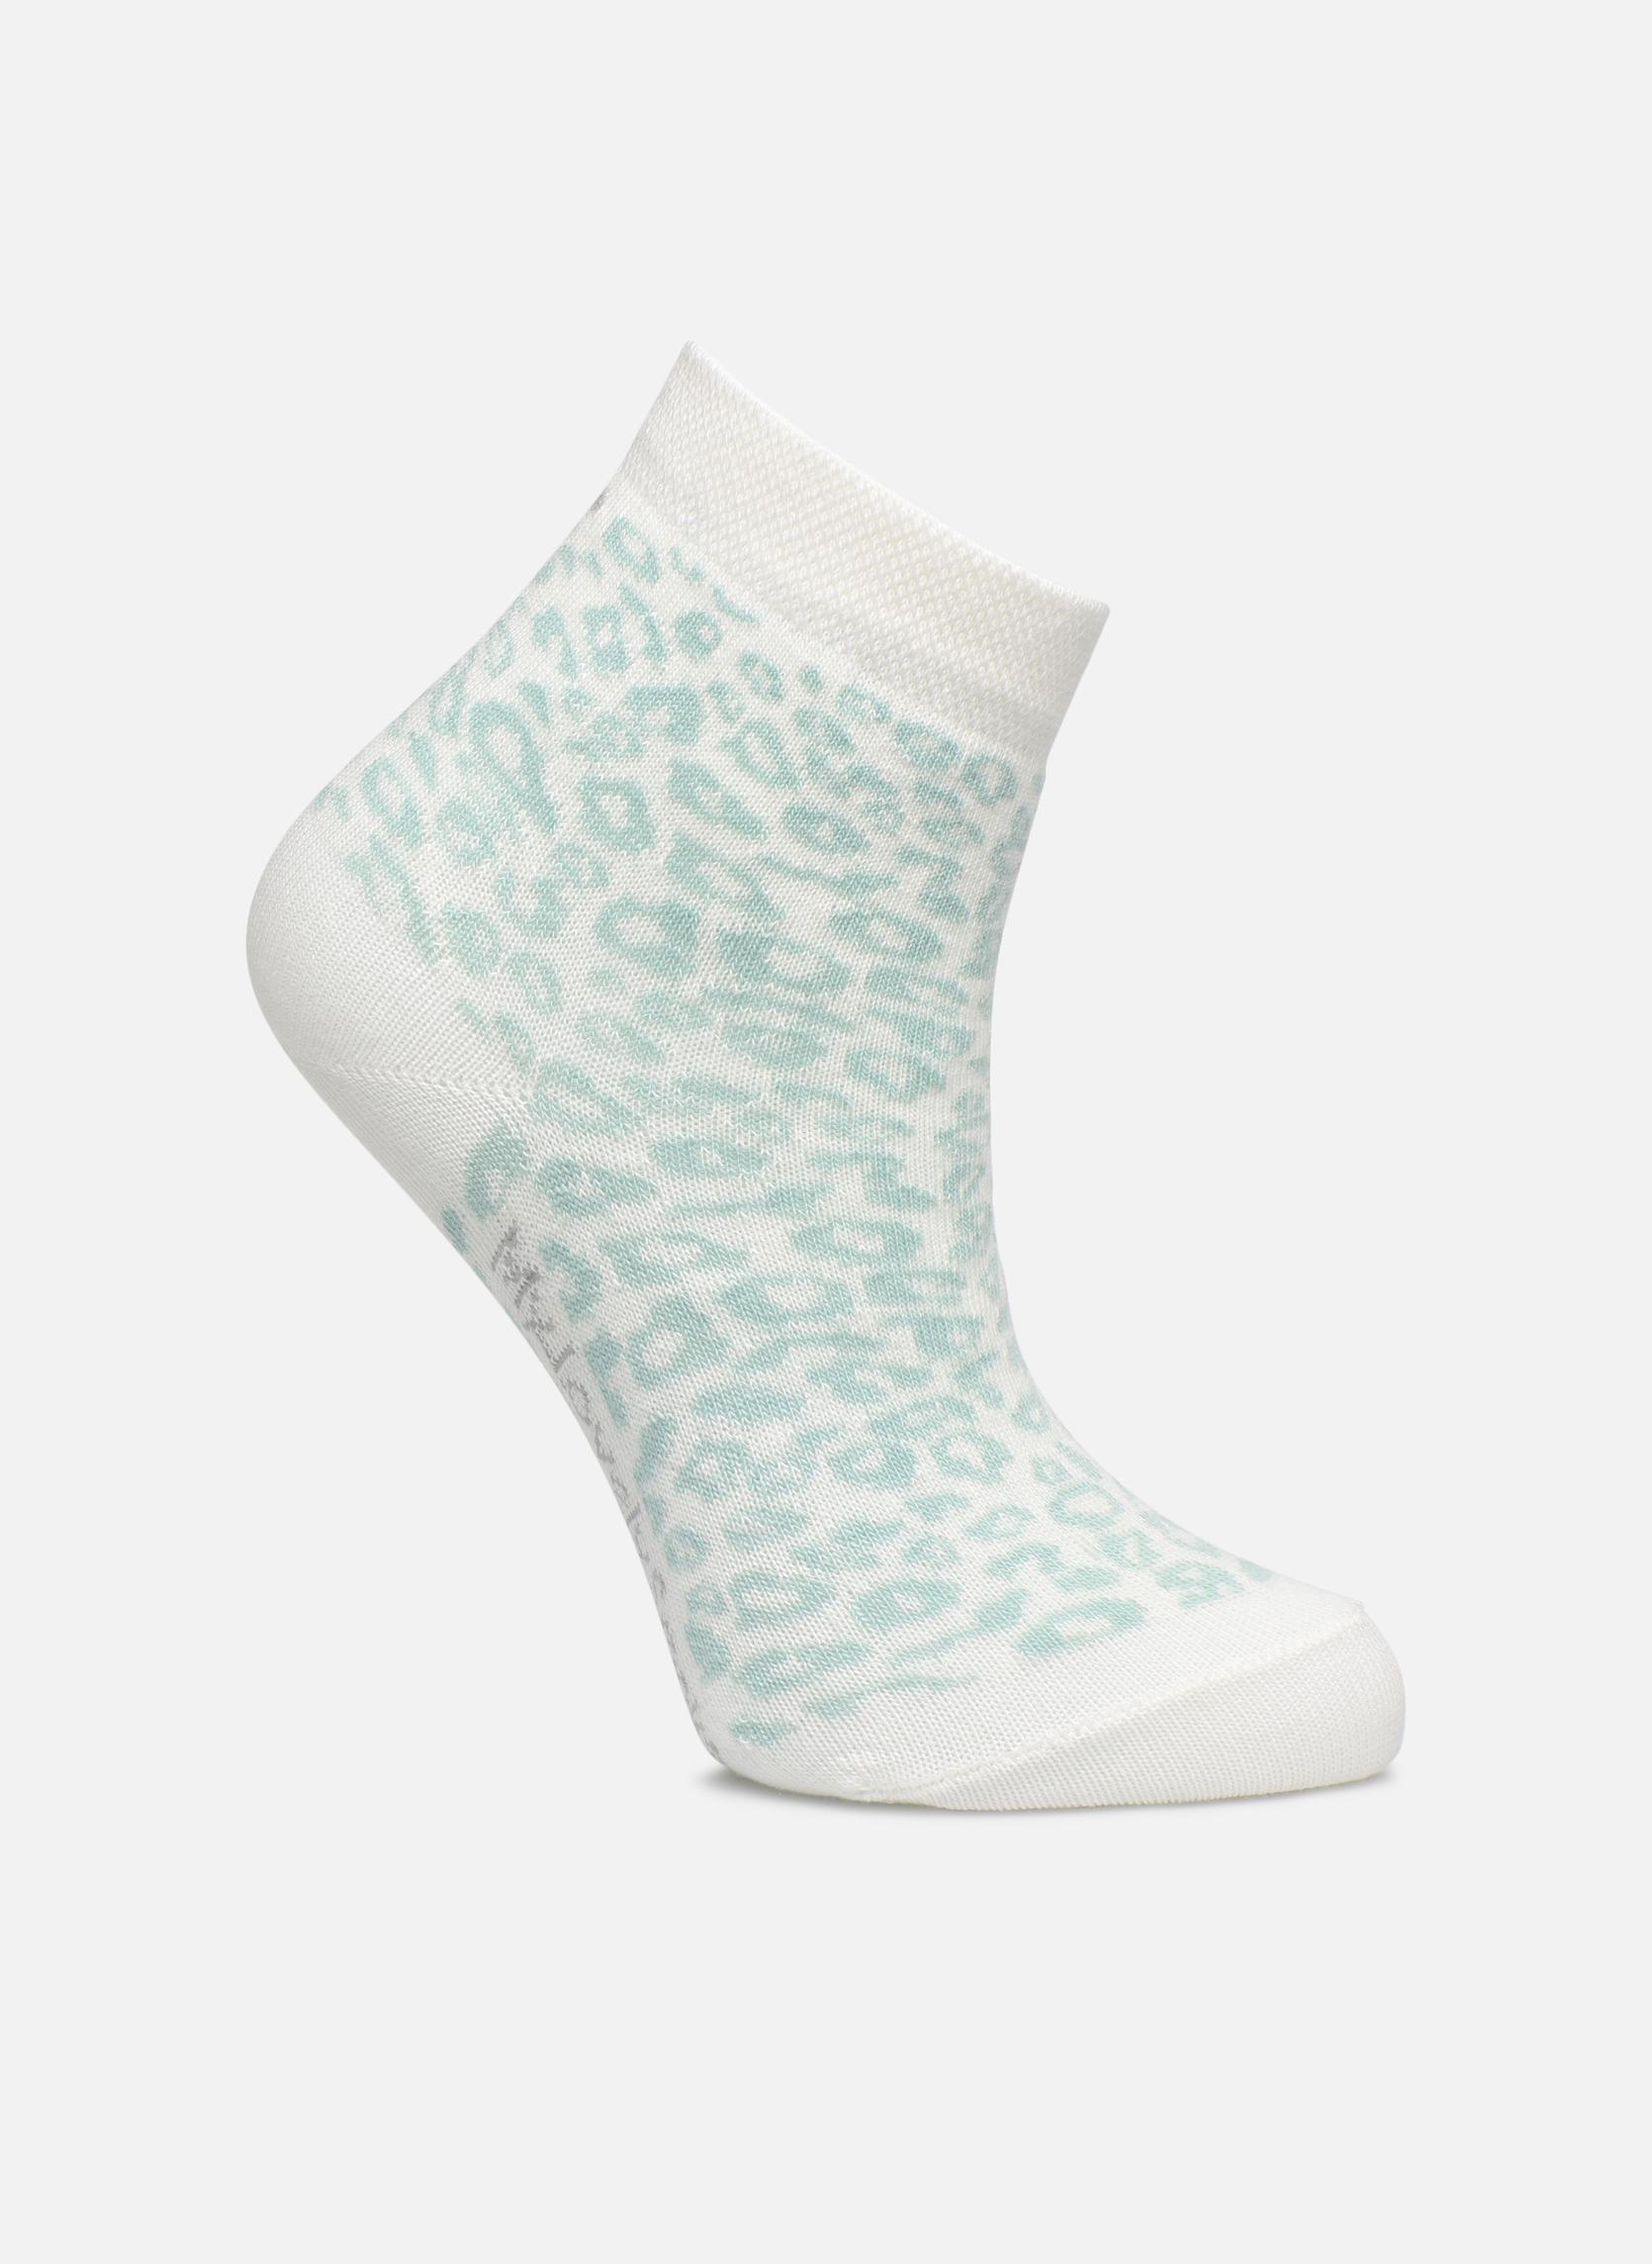 My Lovely Socks rose